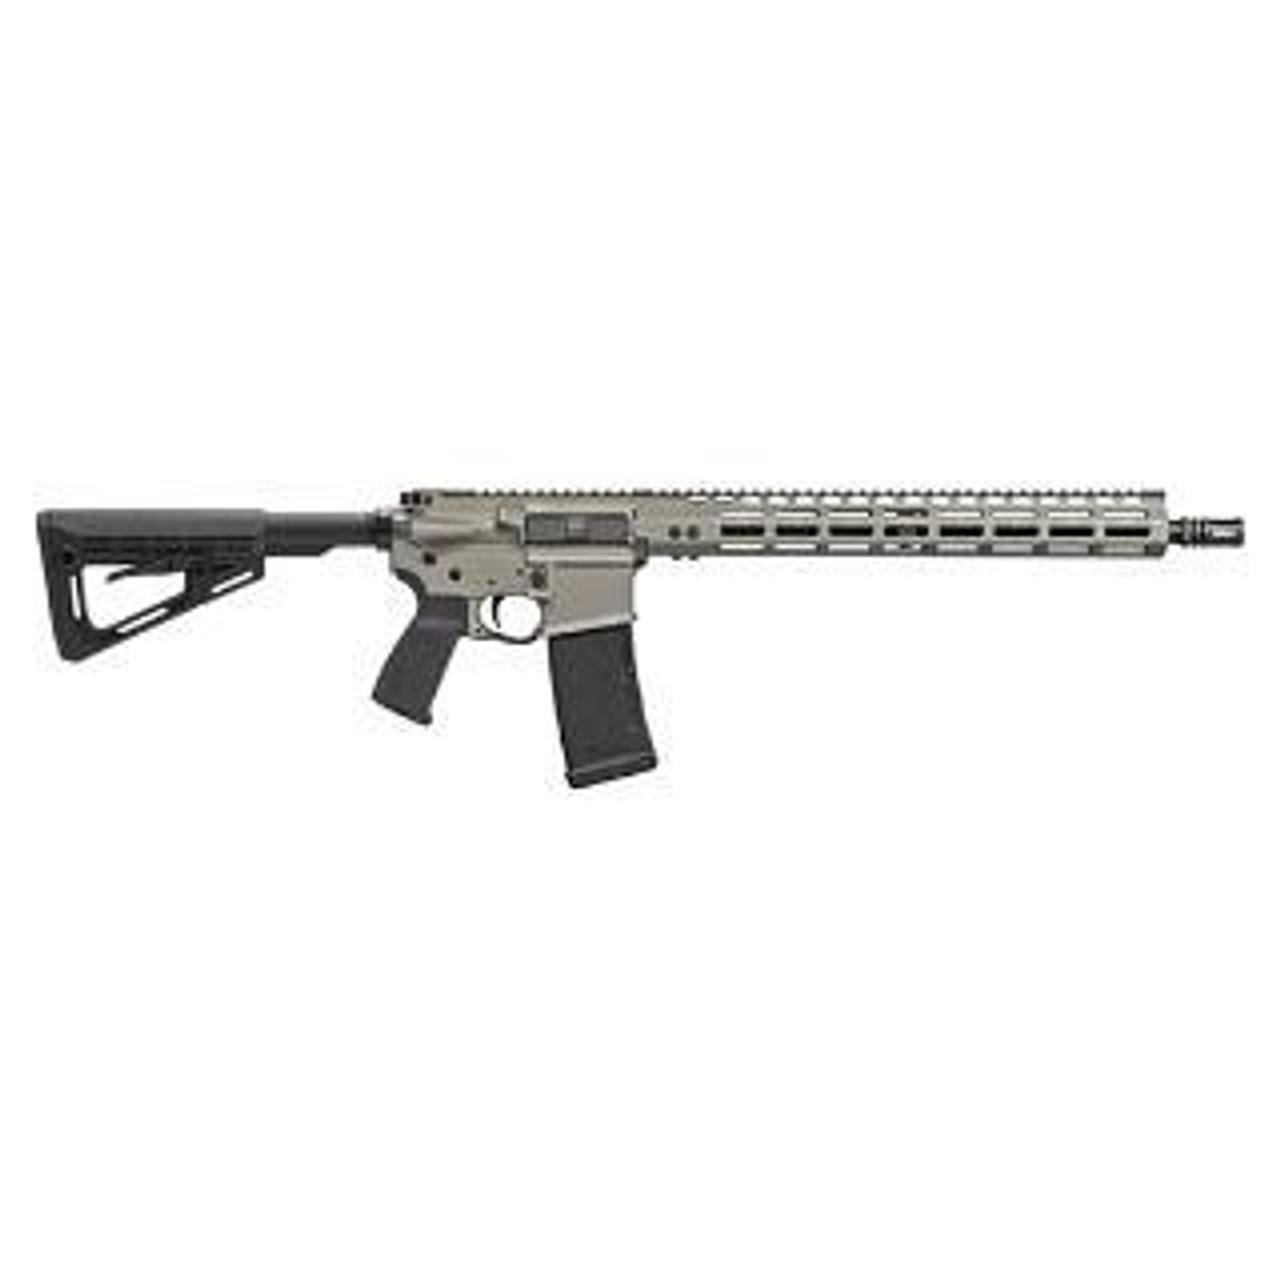 Sig Sauer M400 Elite Titanium - California Legal